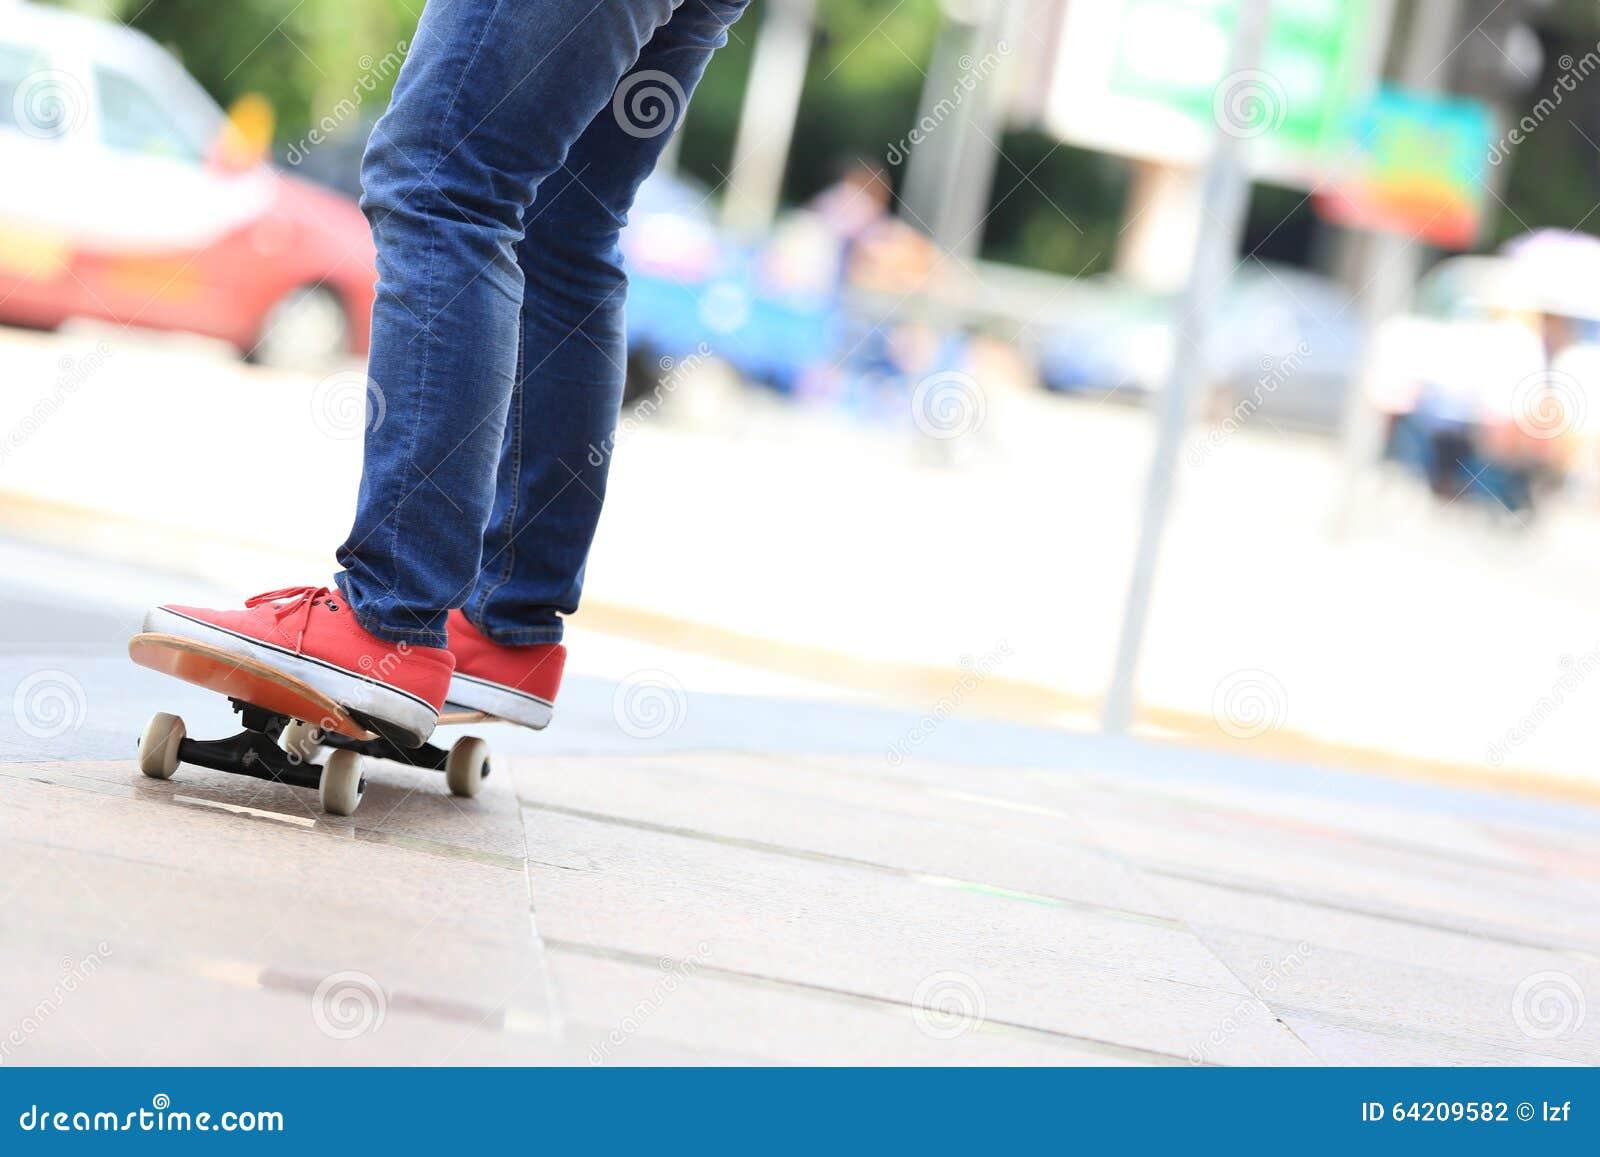 Piernas del skater que montan en el monopatín en ciudad